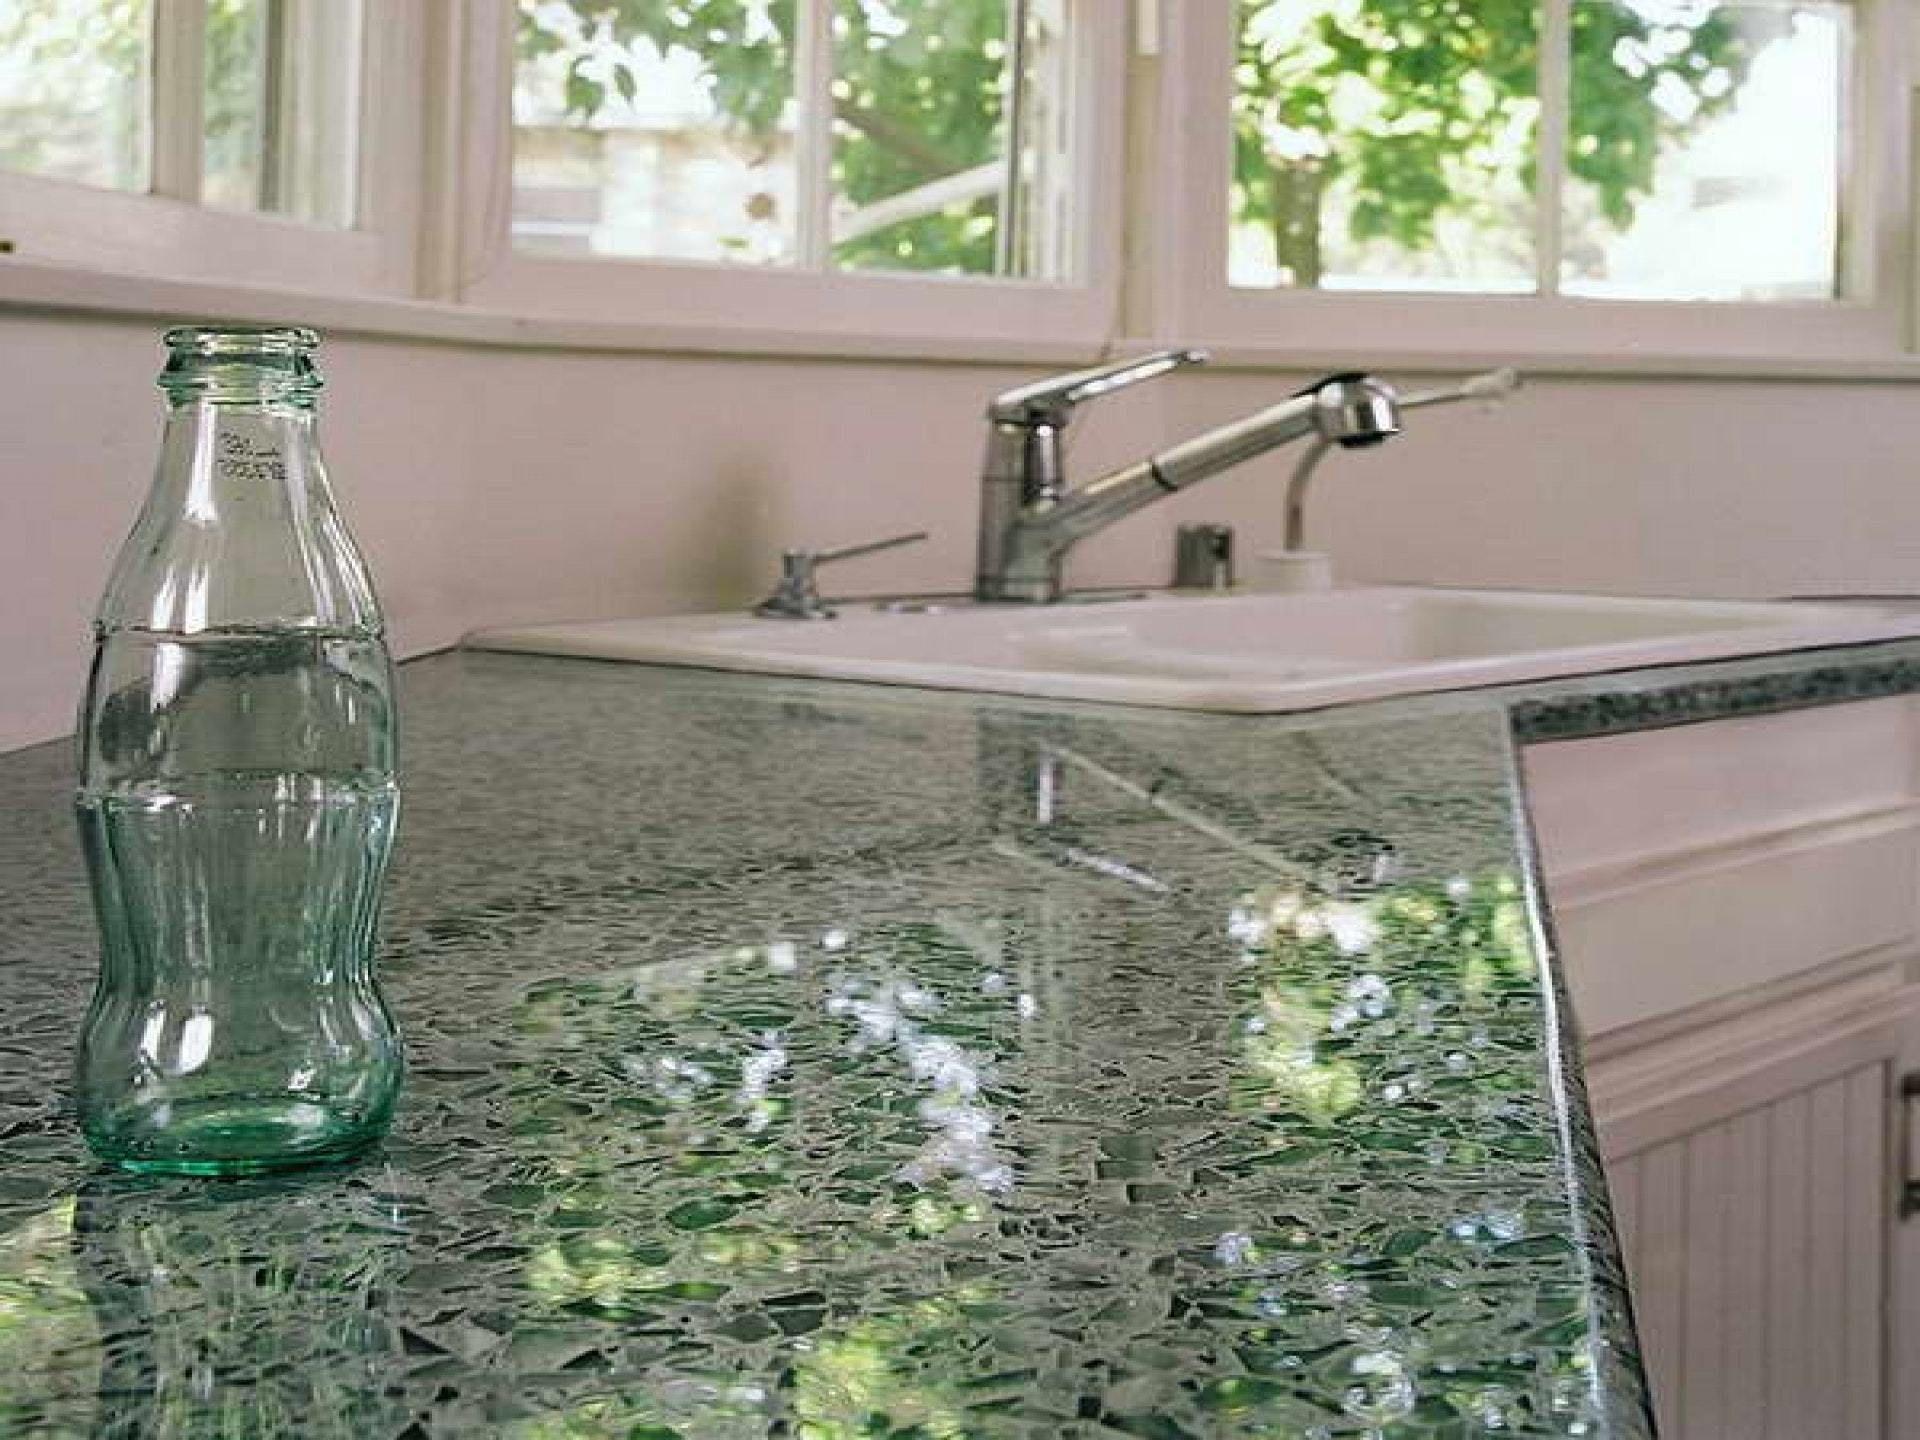 Einzigartige Kuche Arbeitsplatten Wenn Sie Haben Kuche Die Stuhle Die Fuhlen Veraltet Oder Lan Glass Countertops Recycled Glass Countertops Recycled Glass